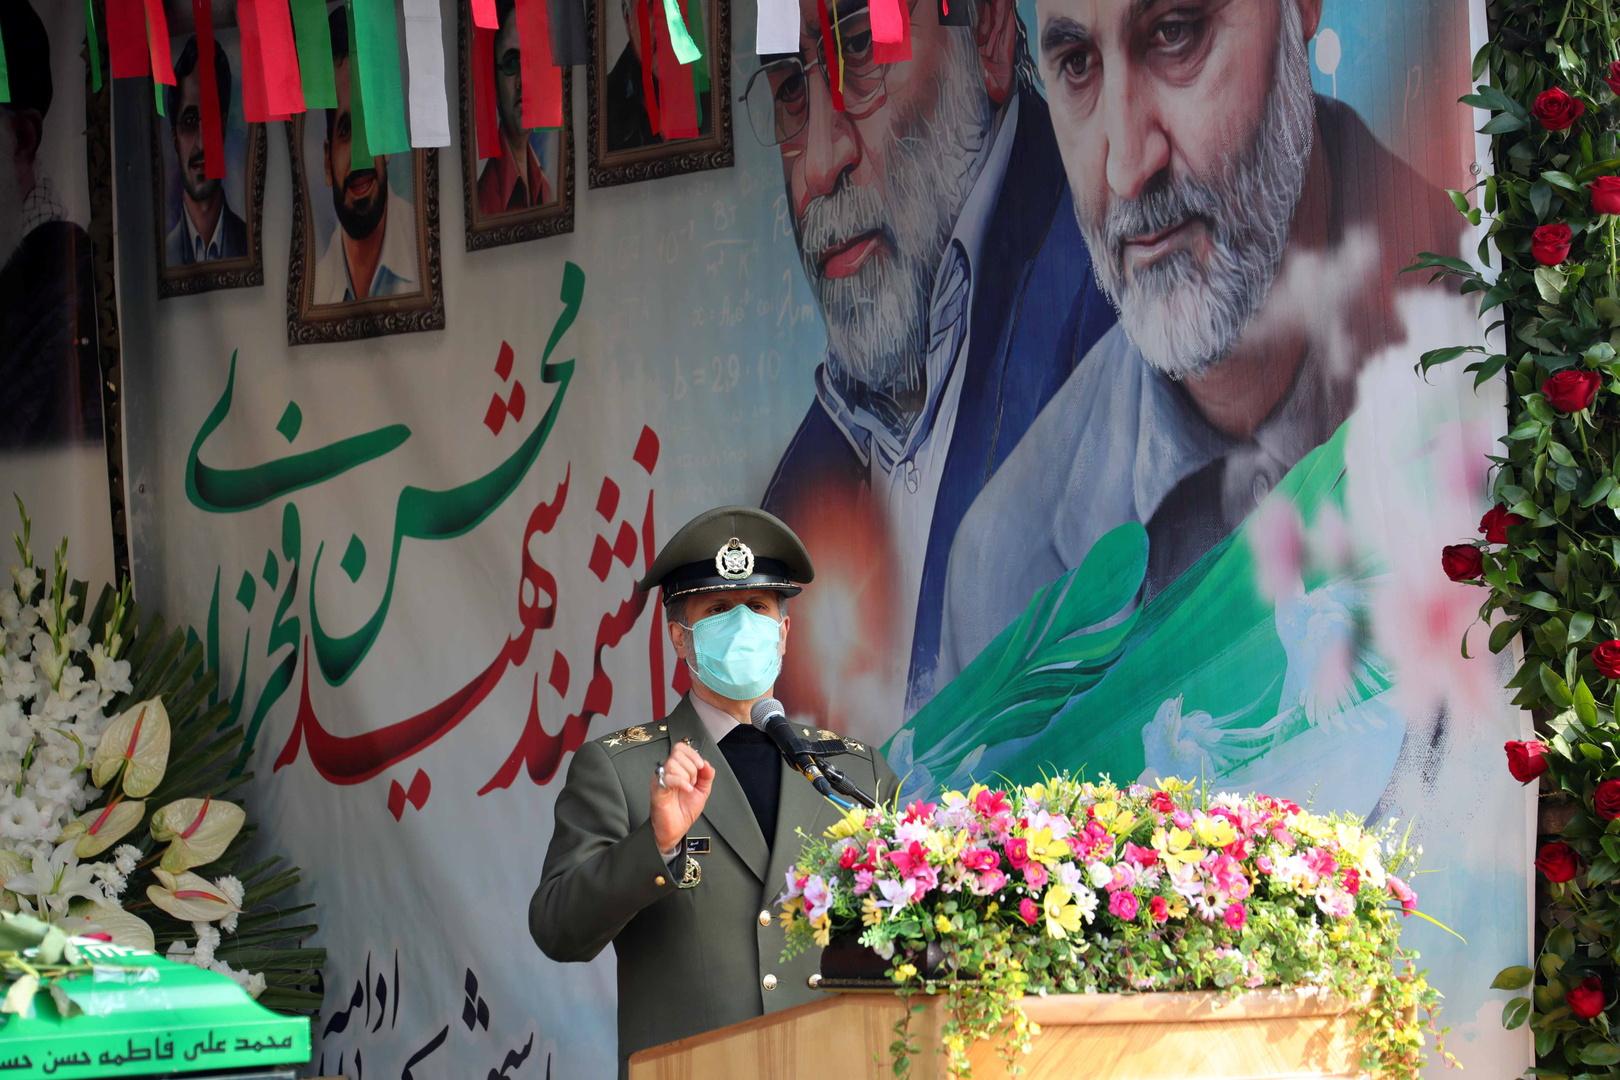 إيران تعلن امتلاك أدلة جدية على تورط إسرائيل باغتيال فخري زاده